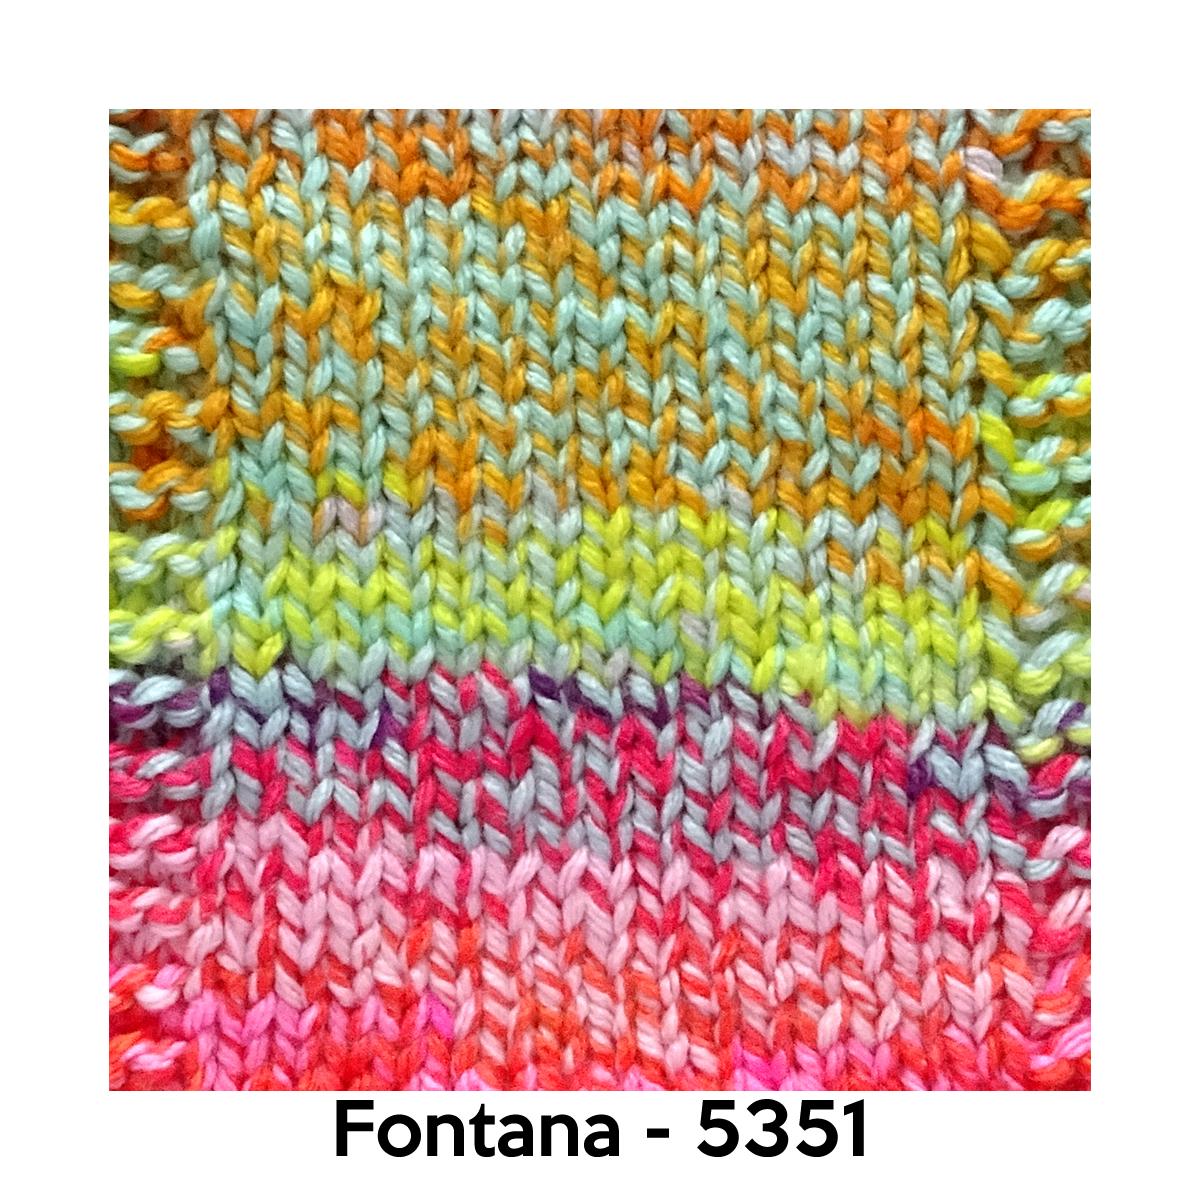 Fontana - 5351